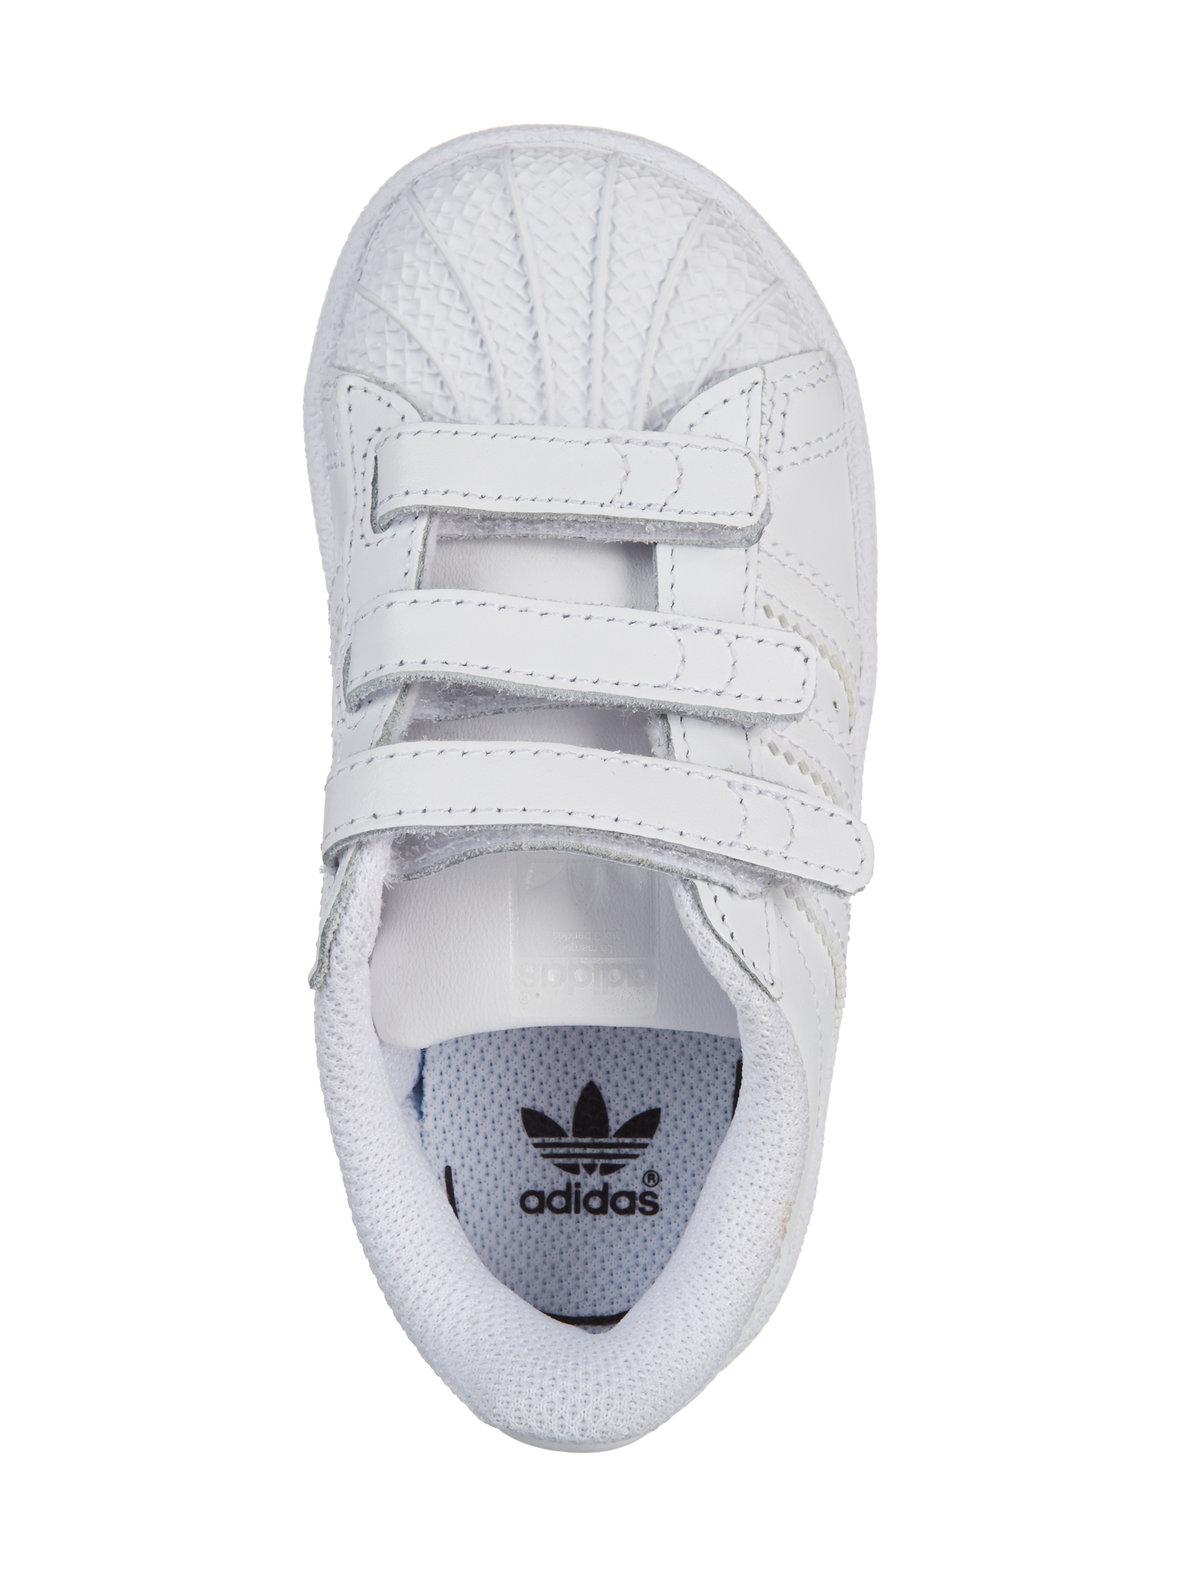 Großhandel Adidas Superstar Marke Kinder Superstar Schuhe Original White Gold Baby Kinder Superstars Turnschuhe Originals Super Star Mädchen Jungen